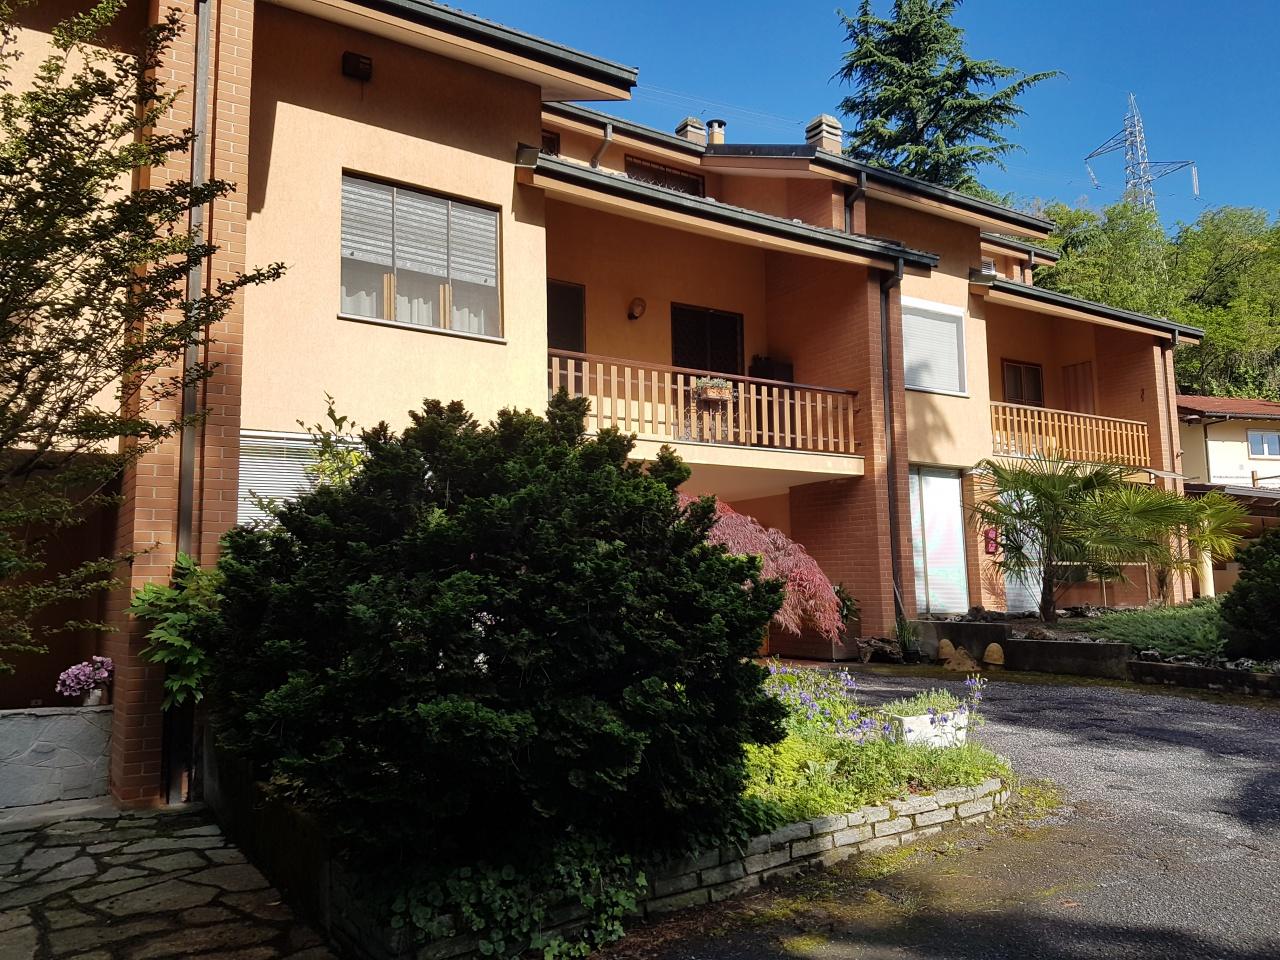 Soluzione Indipendente in vendita a Castagneto Po, 7 locali, prezzo € 165.000 | PortaleAgenzieImmobiliari.it